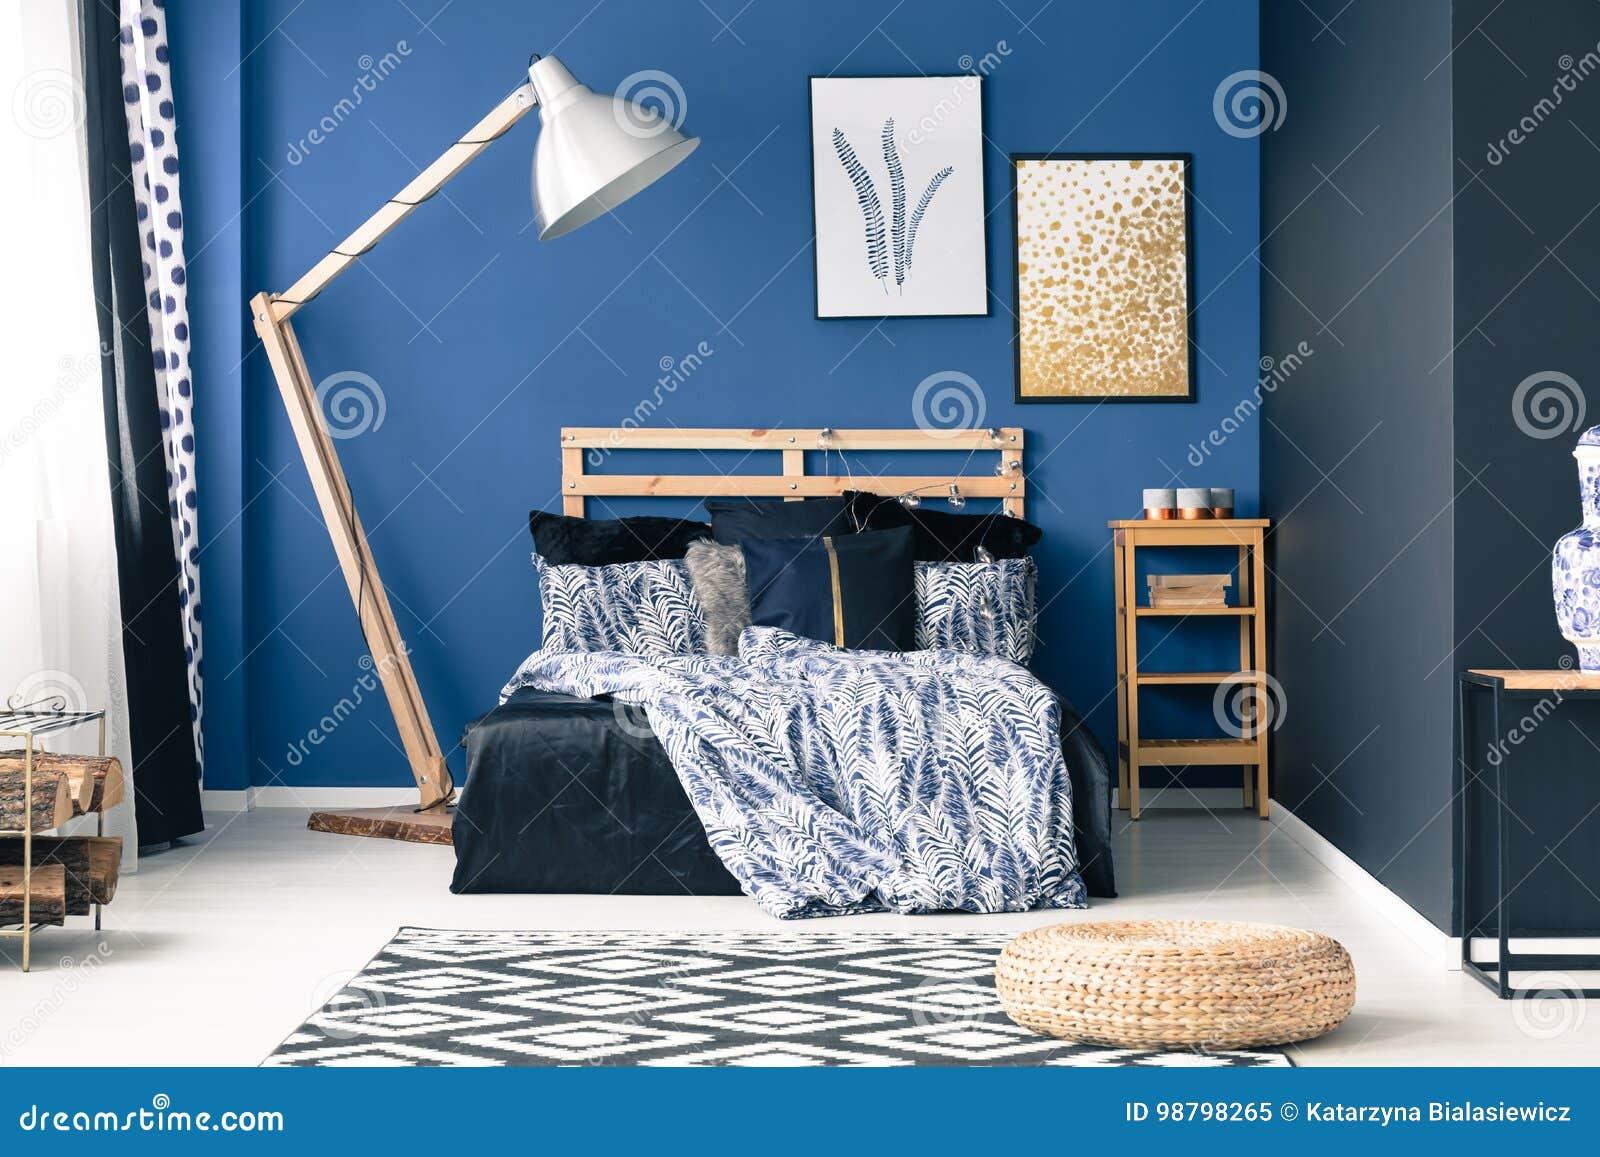 Camere Da Letto Blu : Camera da letto blu con gli accenti dell oro immagine stock